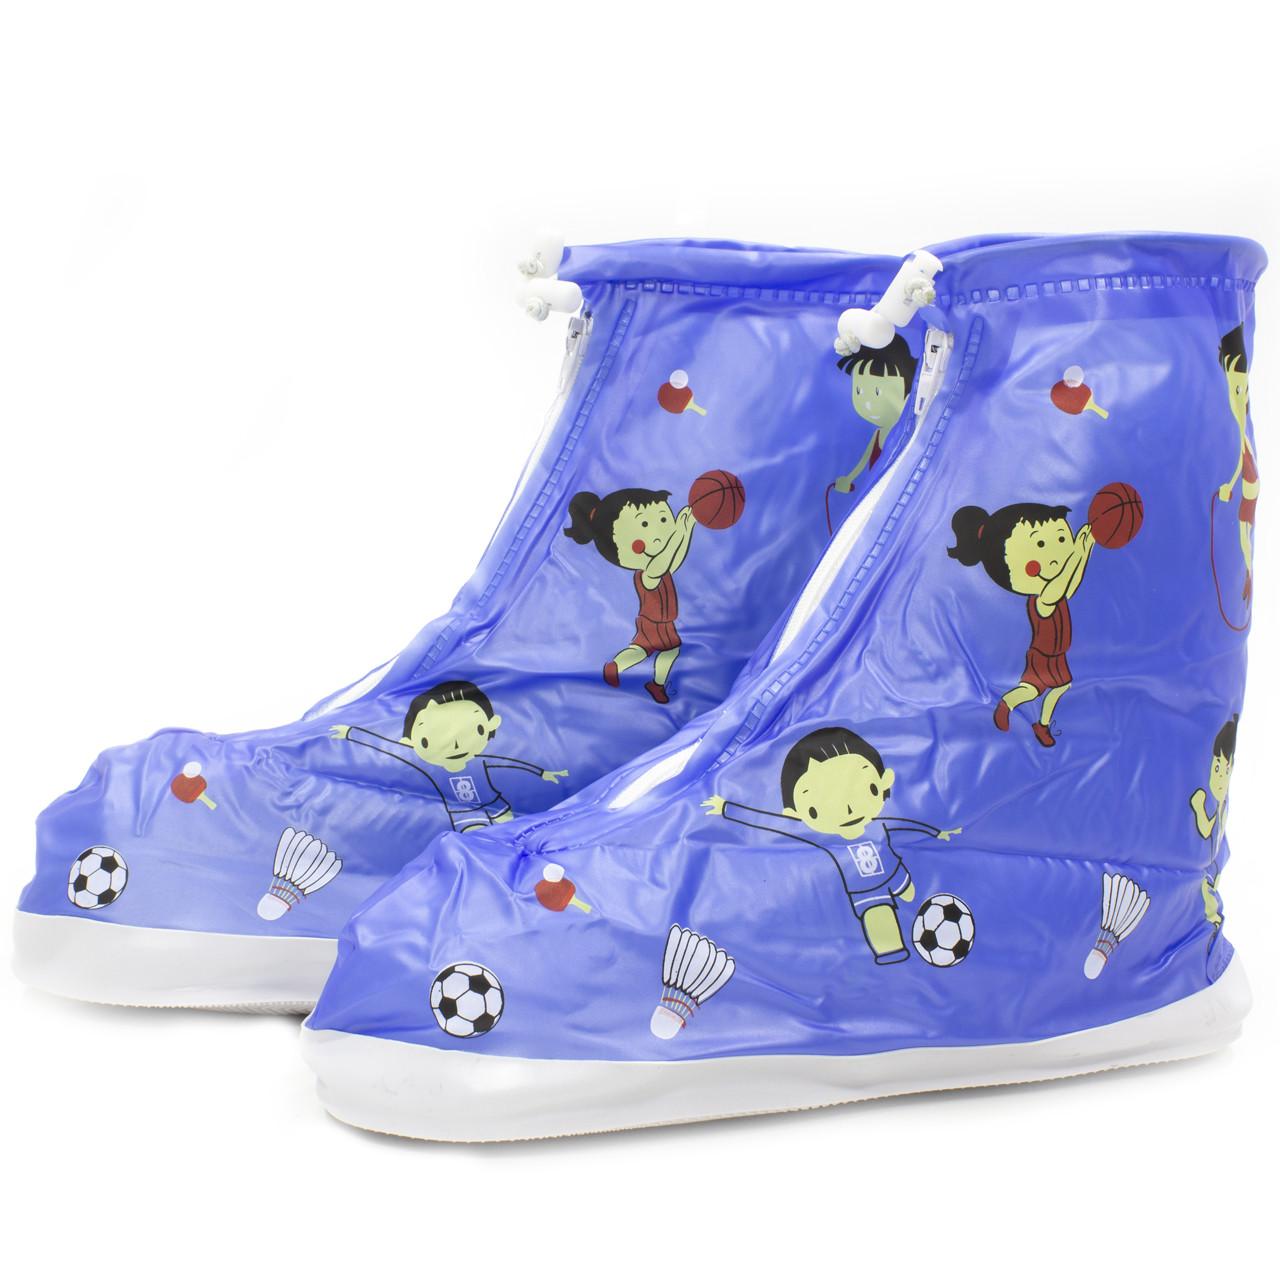 Детские резиновые бахилы Lesko от дождя Спорт синий размер XXL многоразовые водонепроницаемые для детей